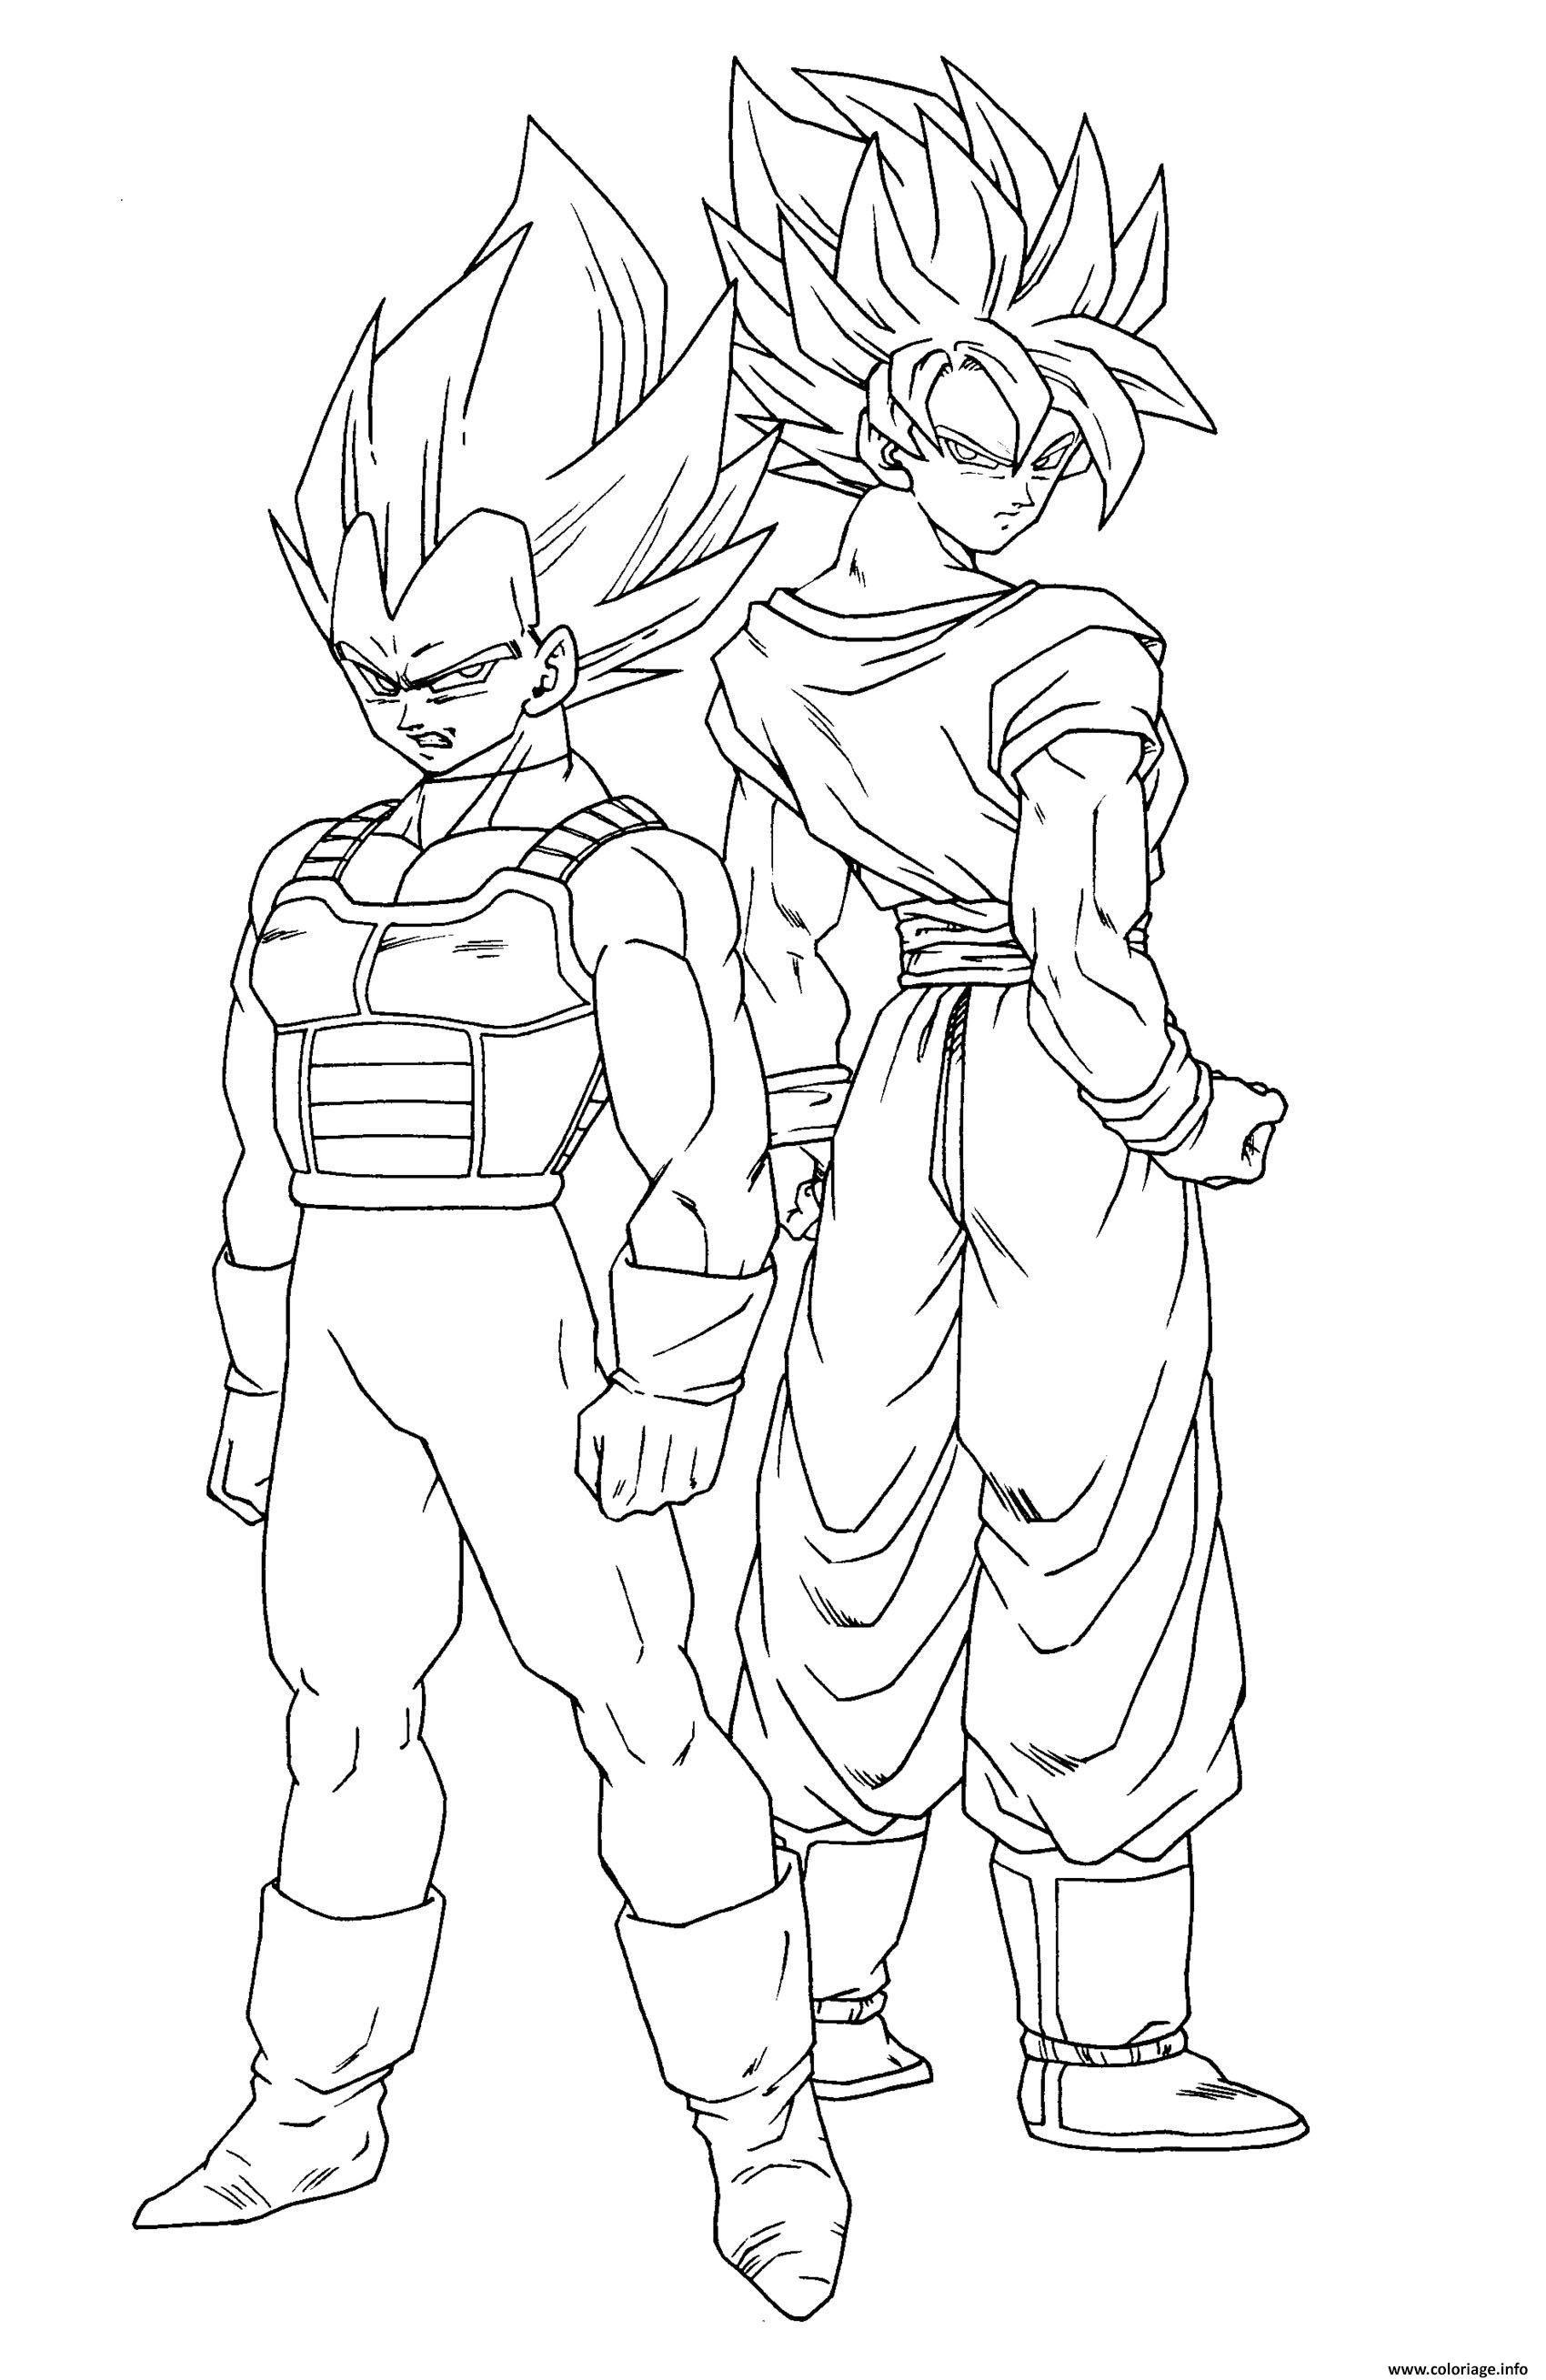 Coloriage Goku Et Son Frere Vegeta Dragon Ball Z Akira Toriyama A Imprimer Dragon Ball Artwork Dragon Ball Art Dragon Ball